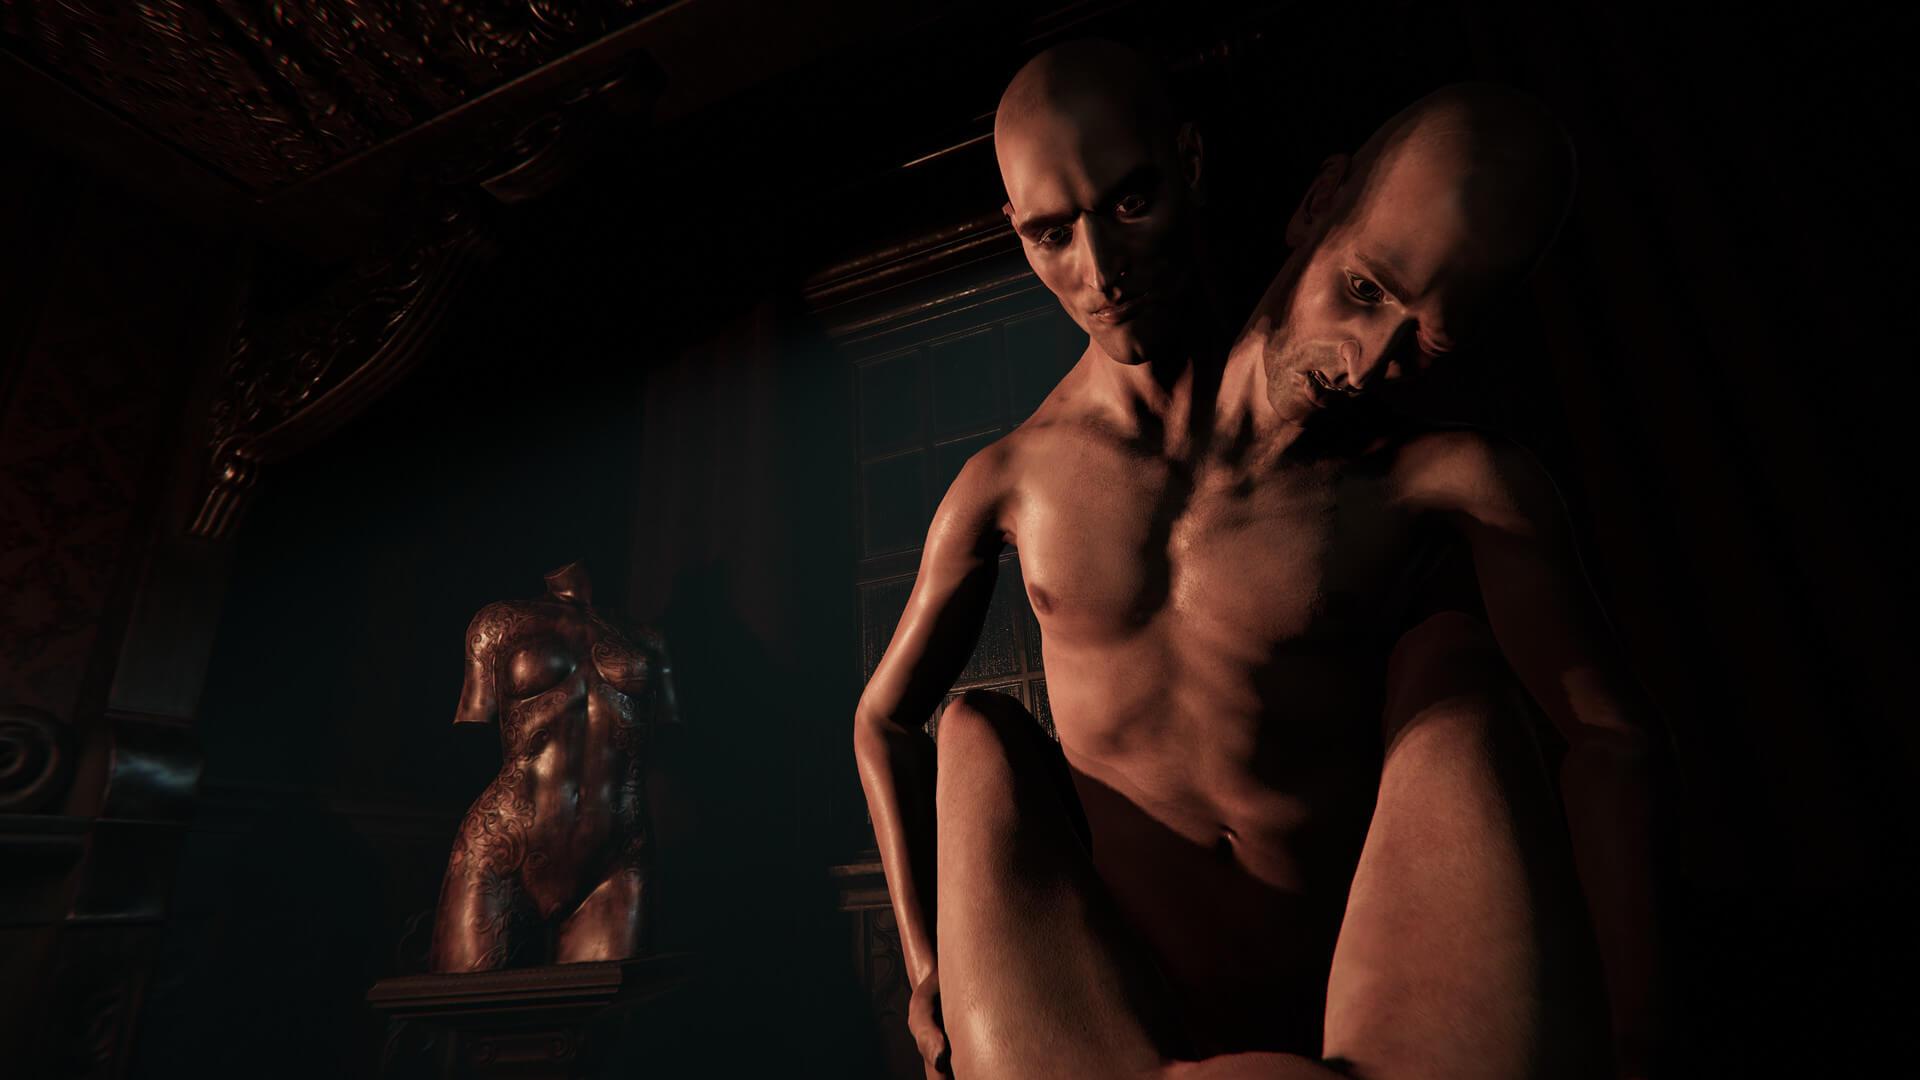 """Movie Games - za tydzień premiera """"Lust from Beyond"""" - zapiski giełdowego spekulanta"""